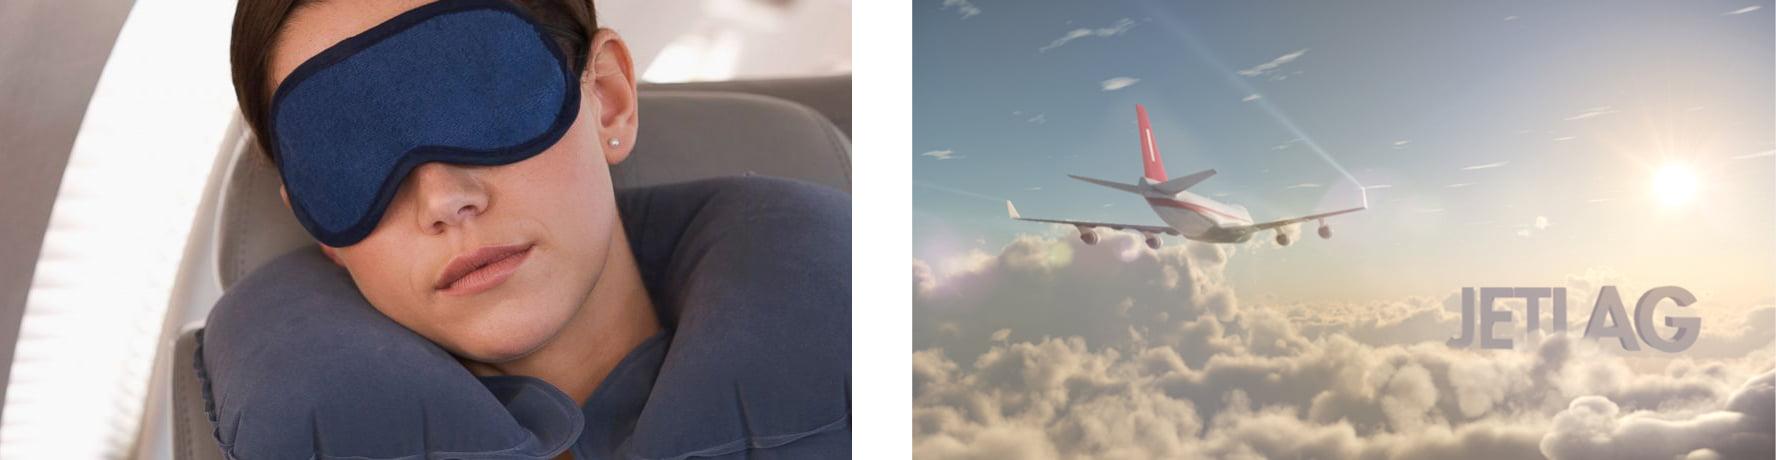 Evitar Jet Lag Australia